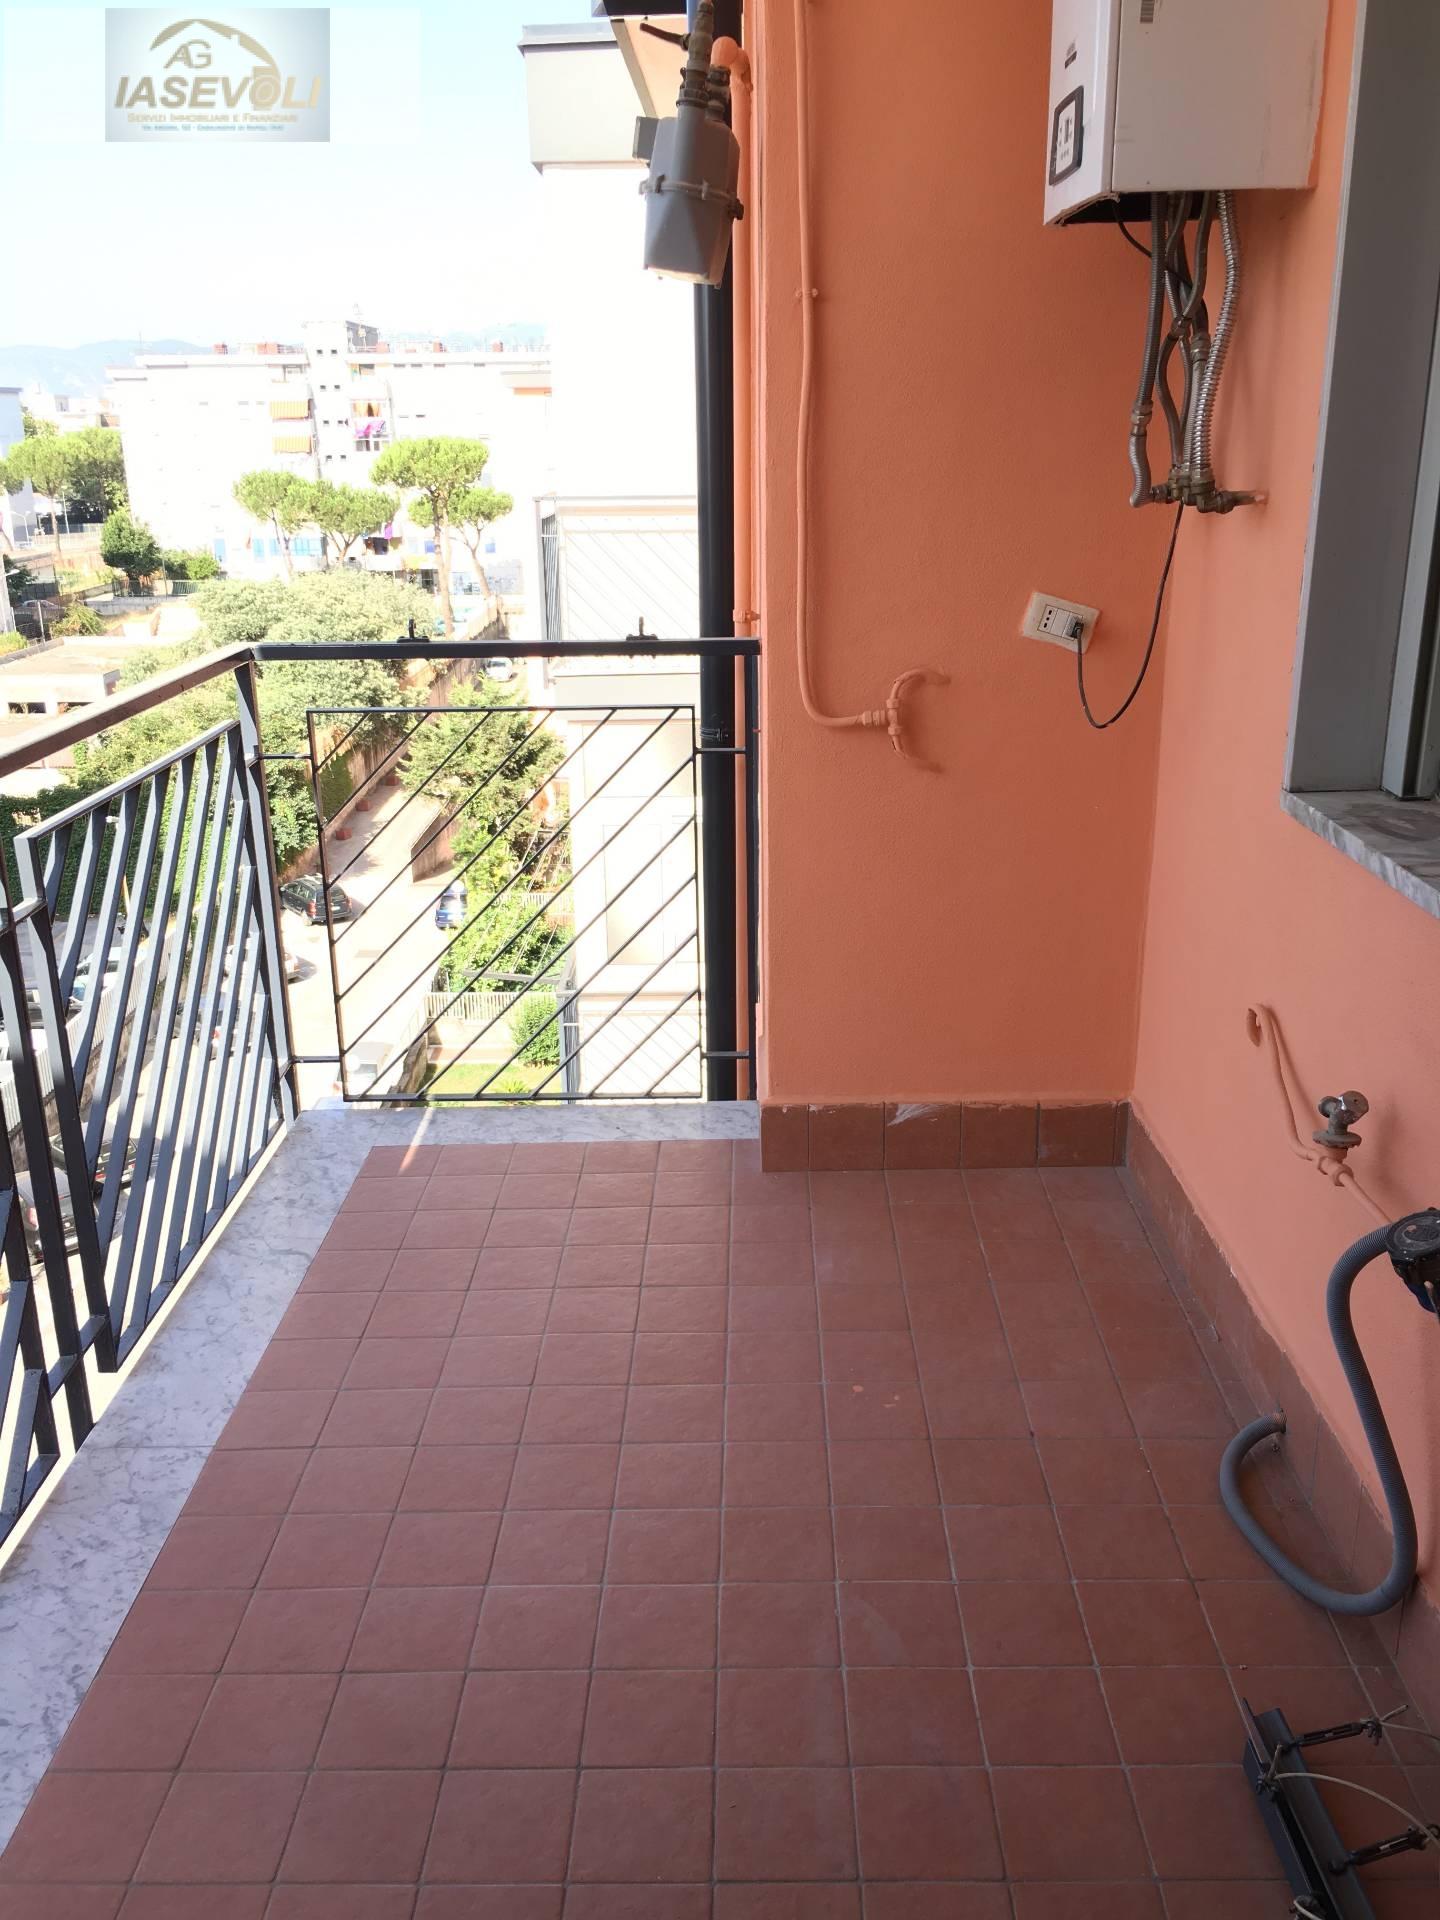 Appartamento in vendita a Casalnuovo di Napoli, 3 locali, prezzo € 110.000 | CambioCasa.it